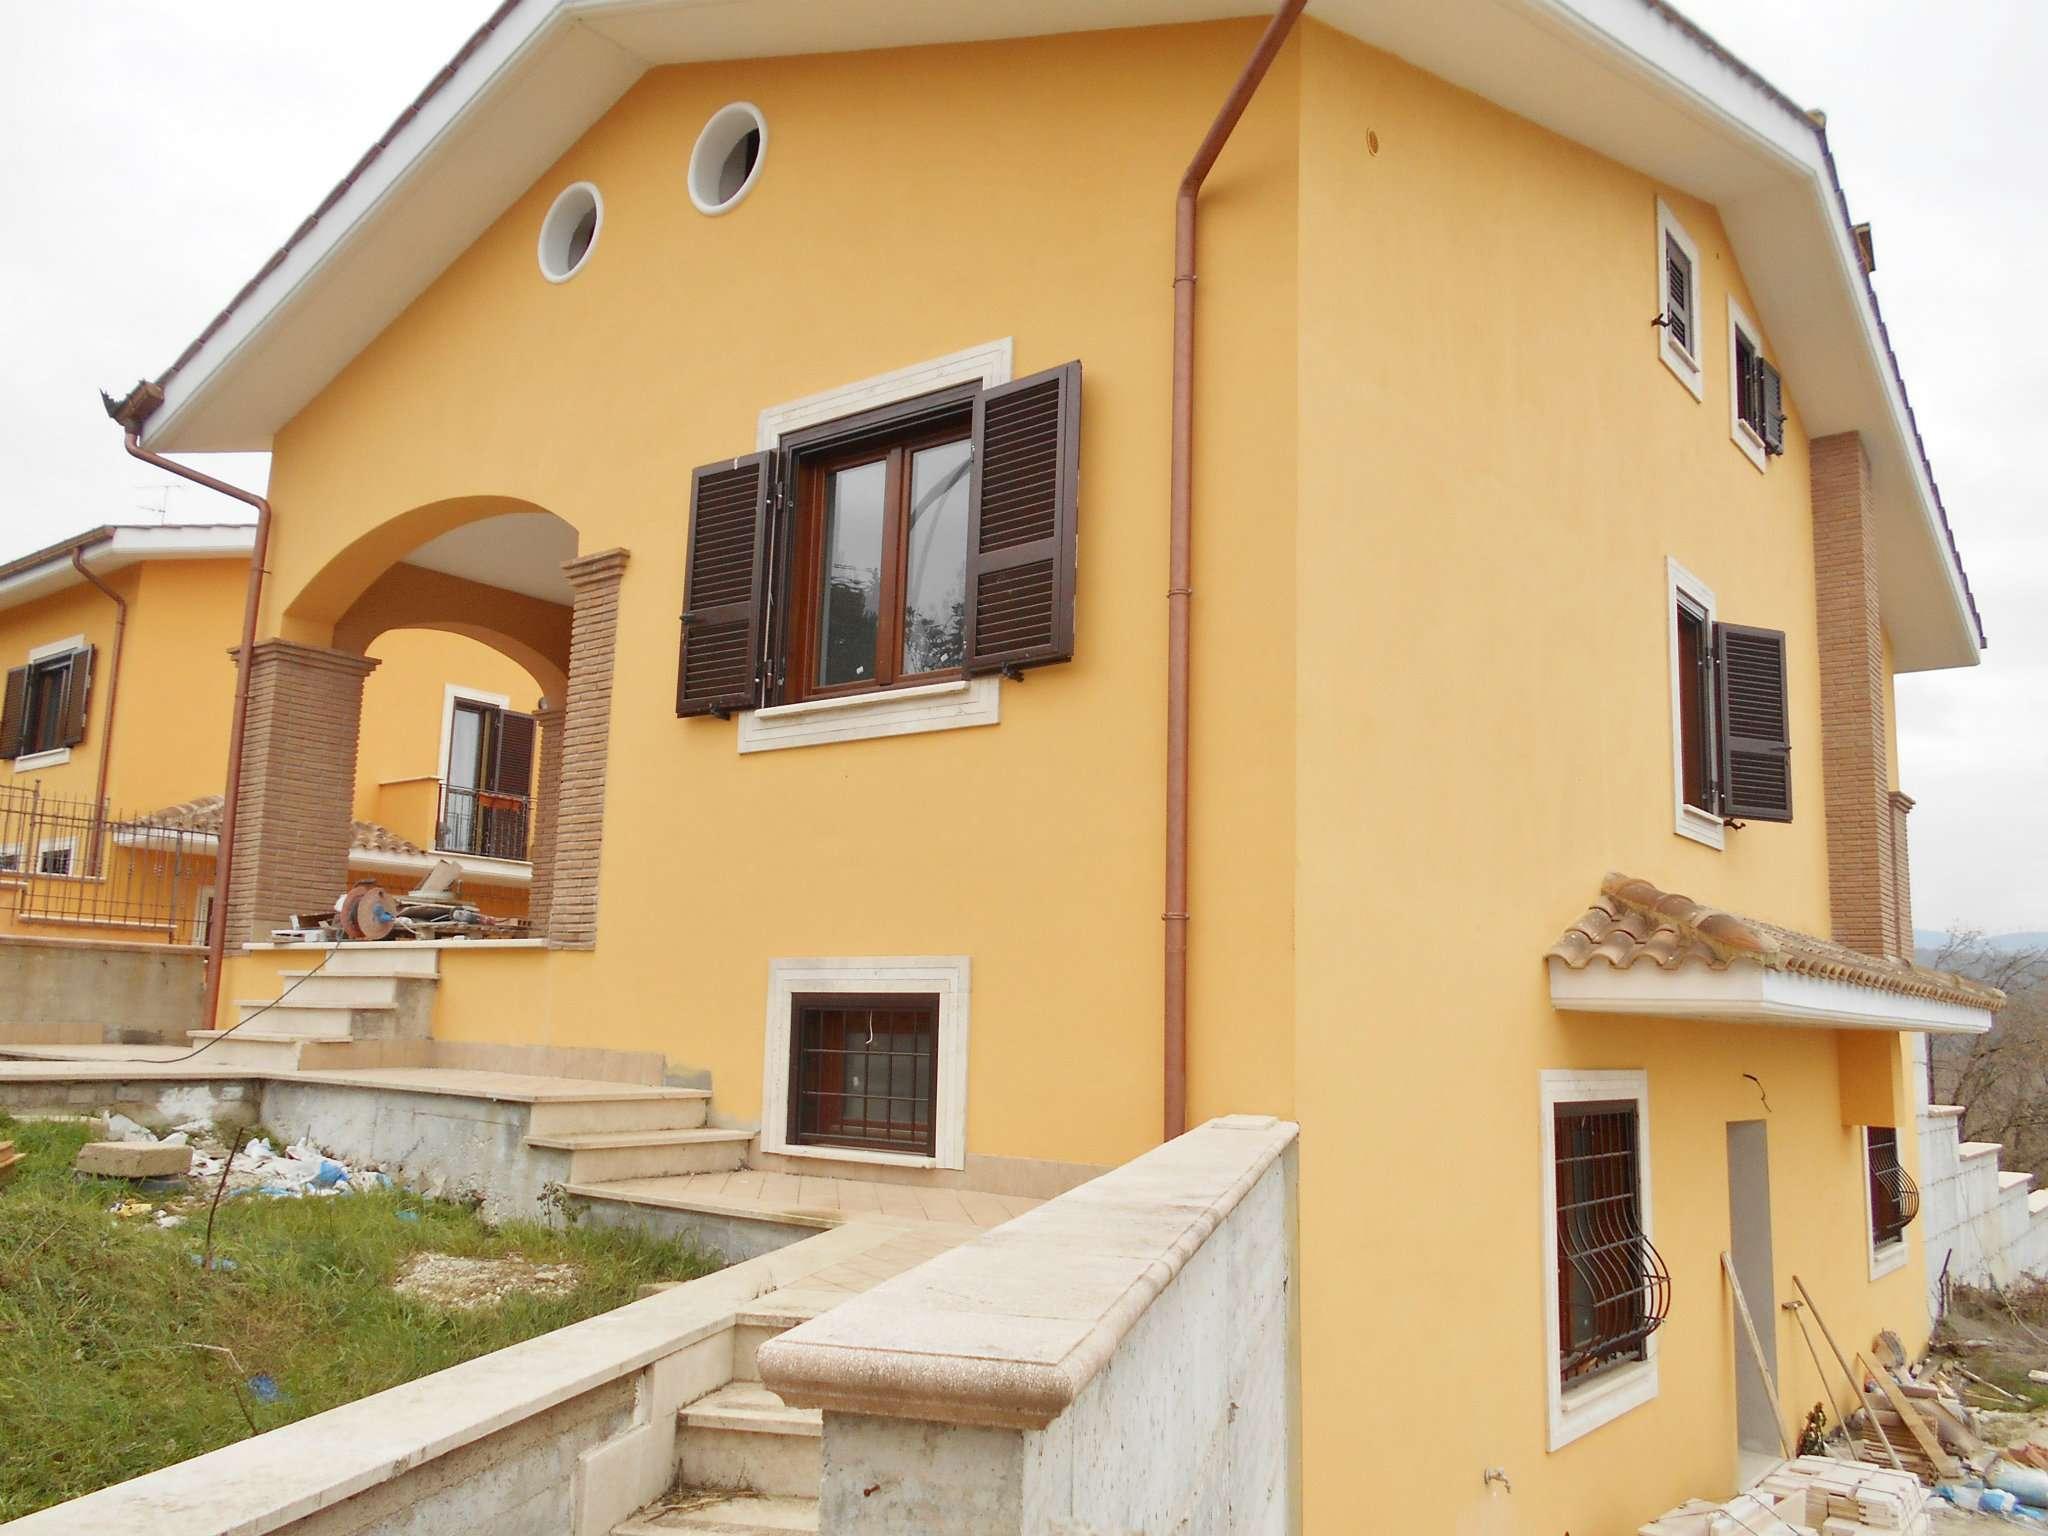 Villa in vendita a Labico, 6 locali, prezzo € 275.000 | Cambio Casa.it